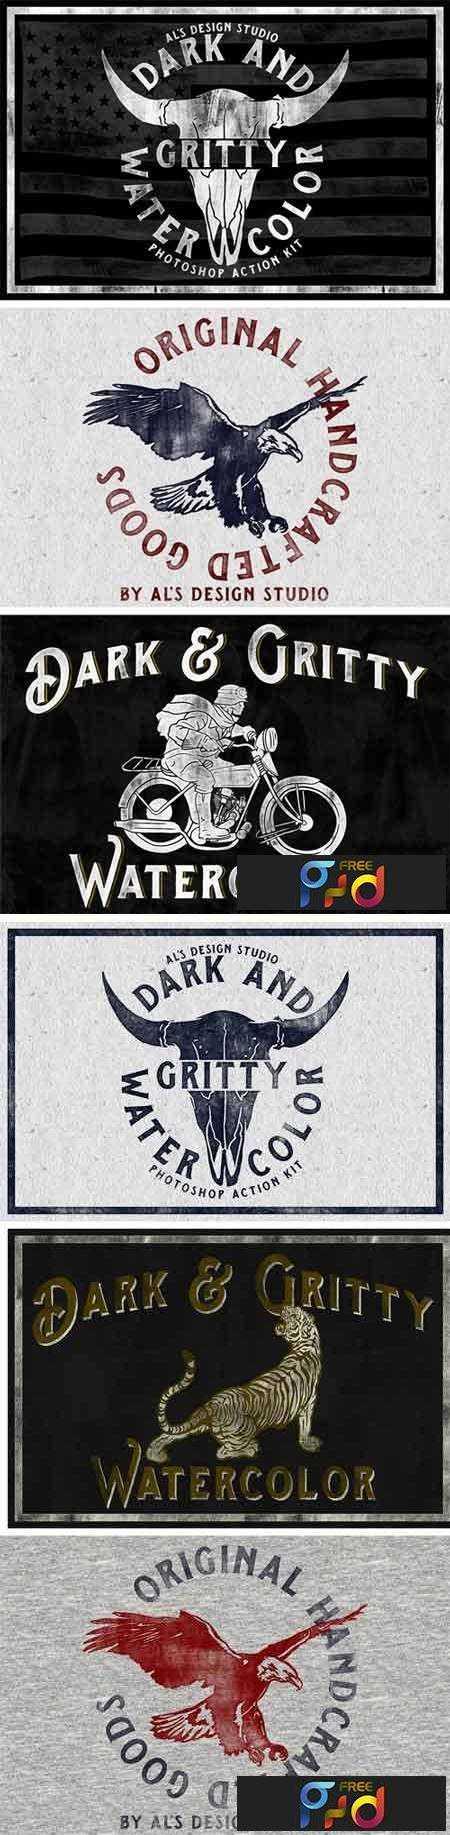 1707157 AL's Dark & Gritty Watercolor Action 1952483 1